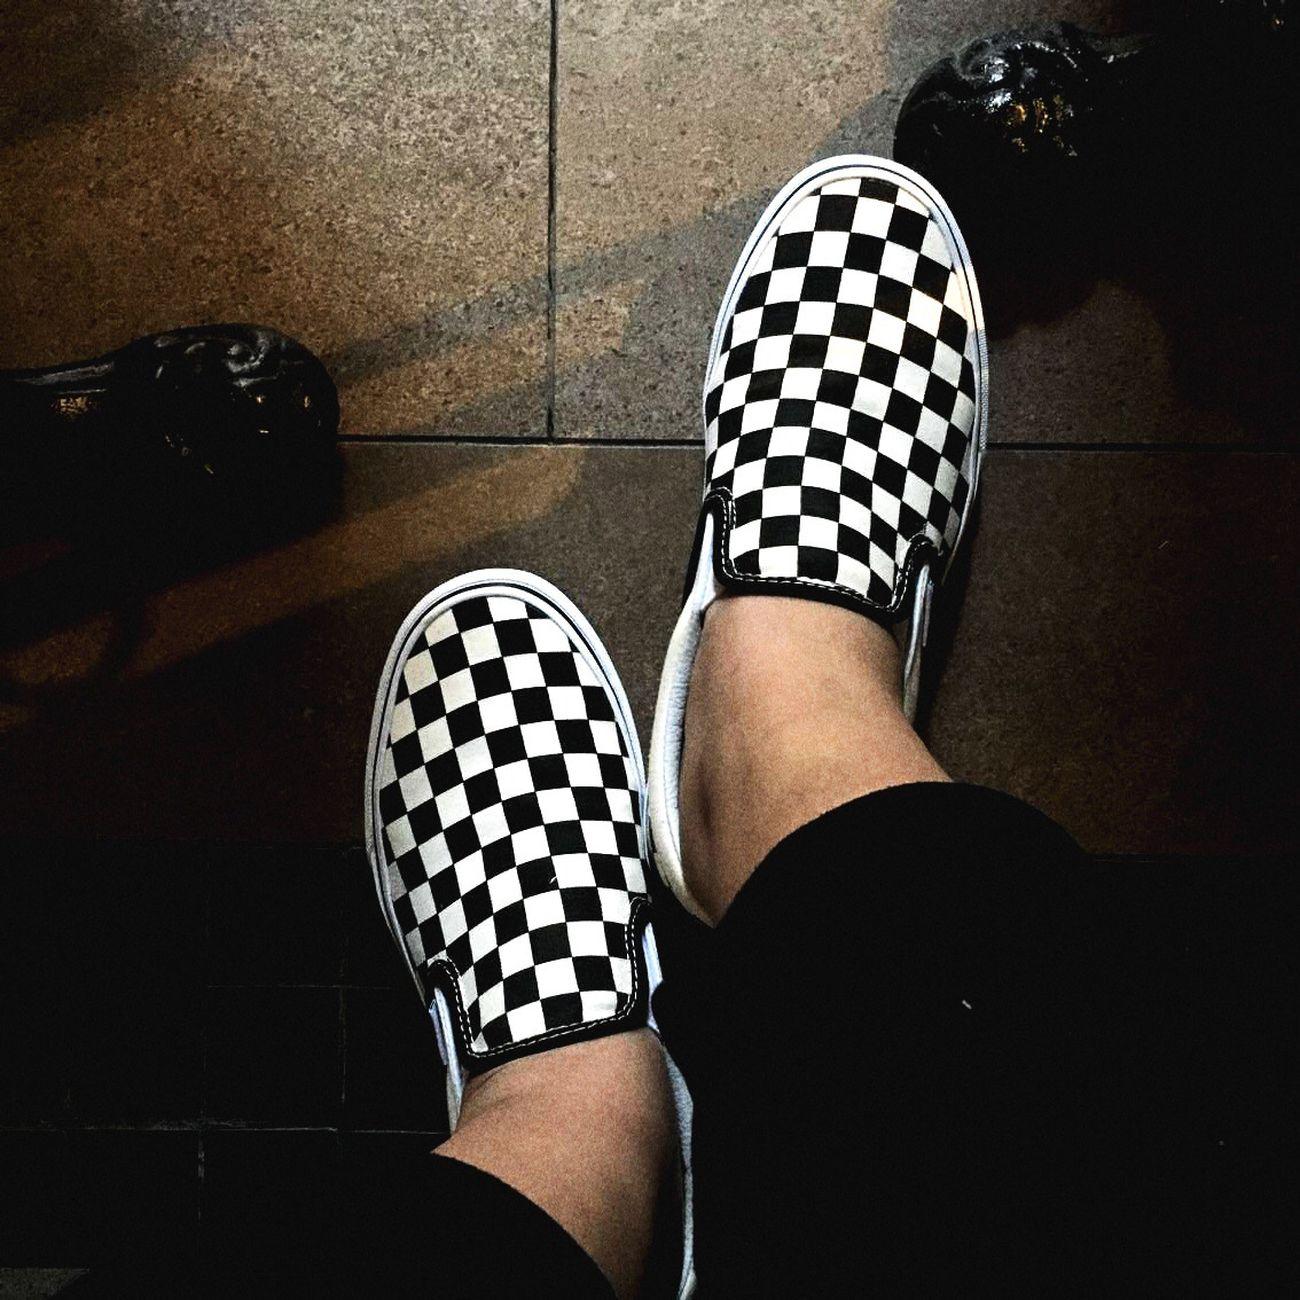 Vans Vans Off The Wall Vansshoes Vans #swag Vansgirl Vanslove Vans.❤ Slipon Blackandwhite